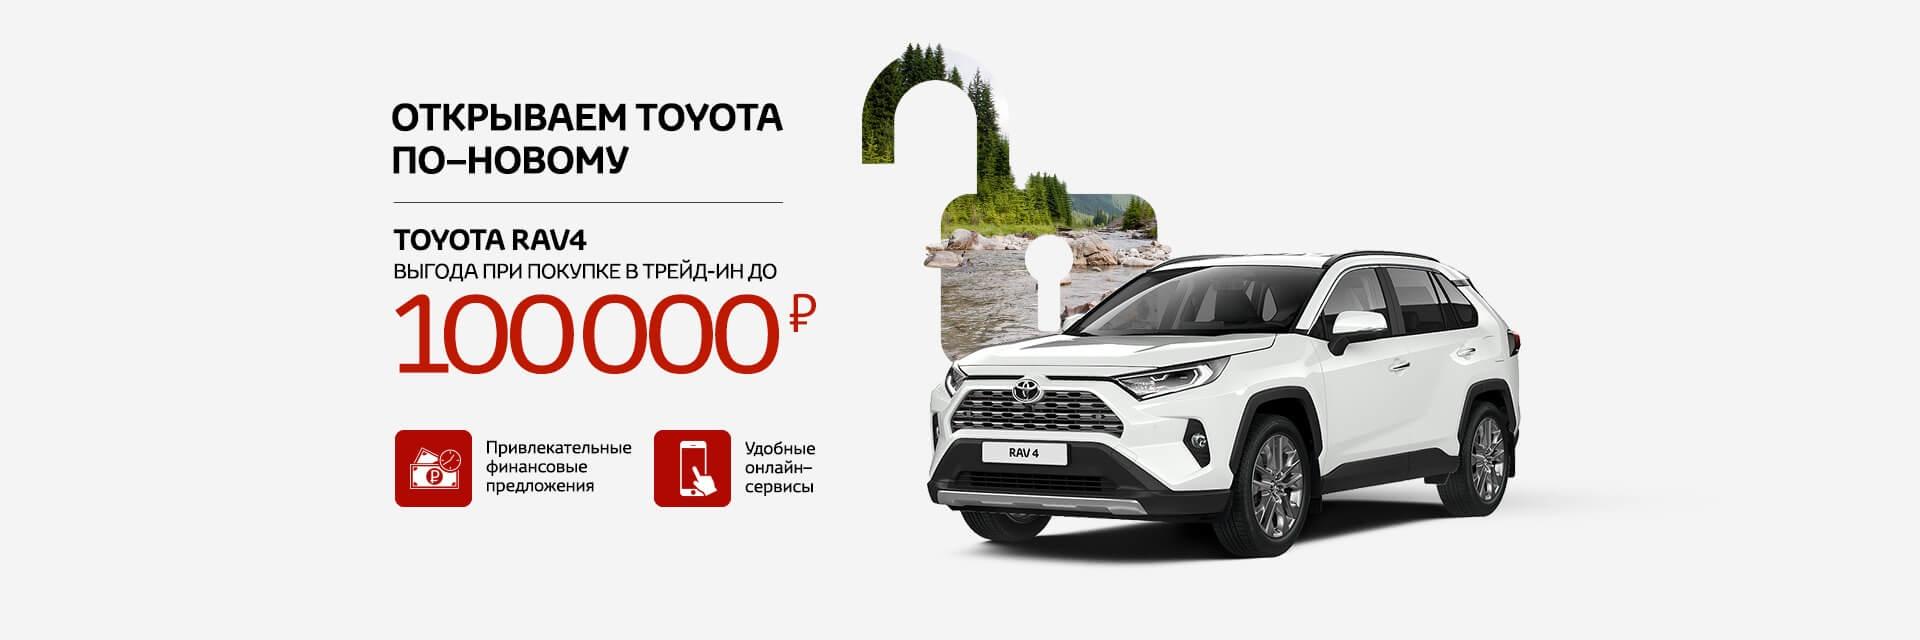 Автосалоны тойота в москве цены на автомат продажа авто лексус в автосалонах москвы